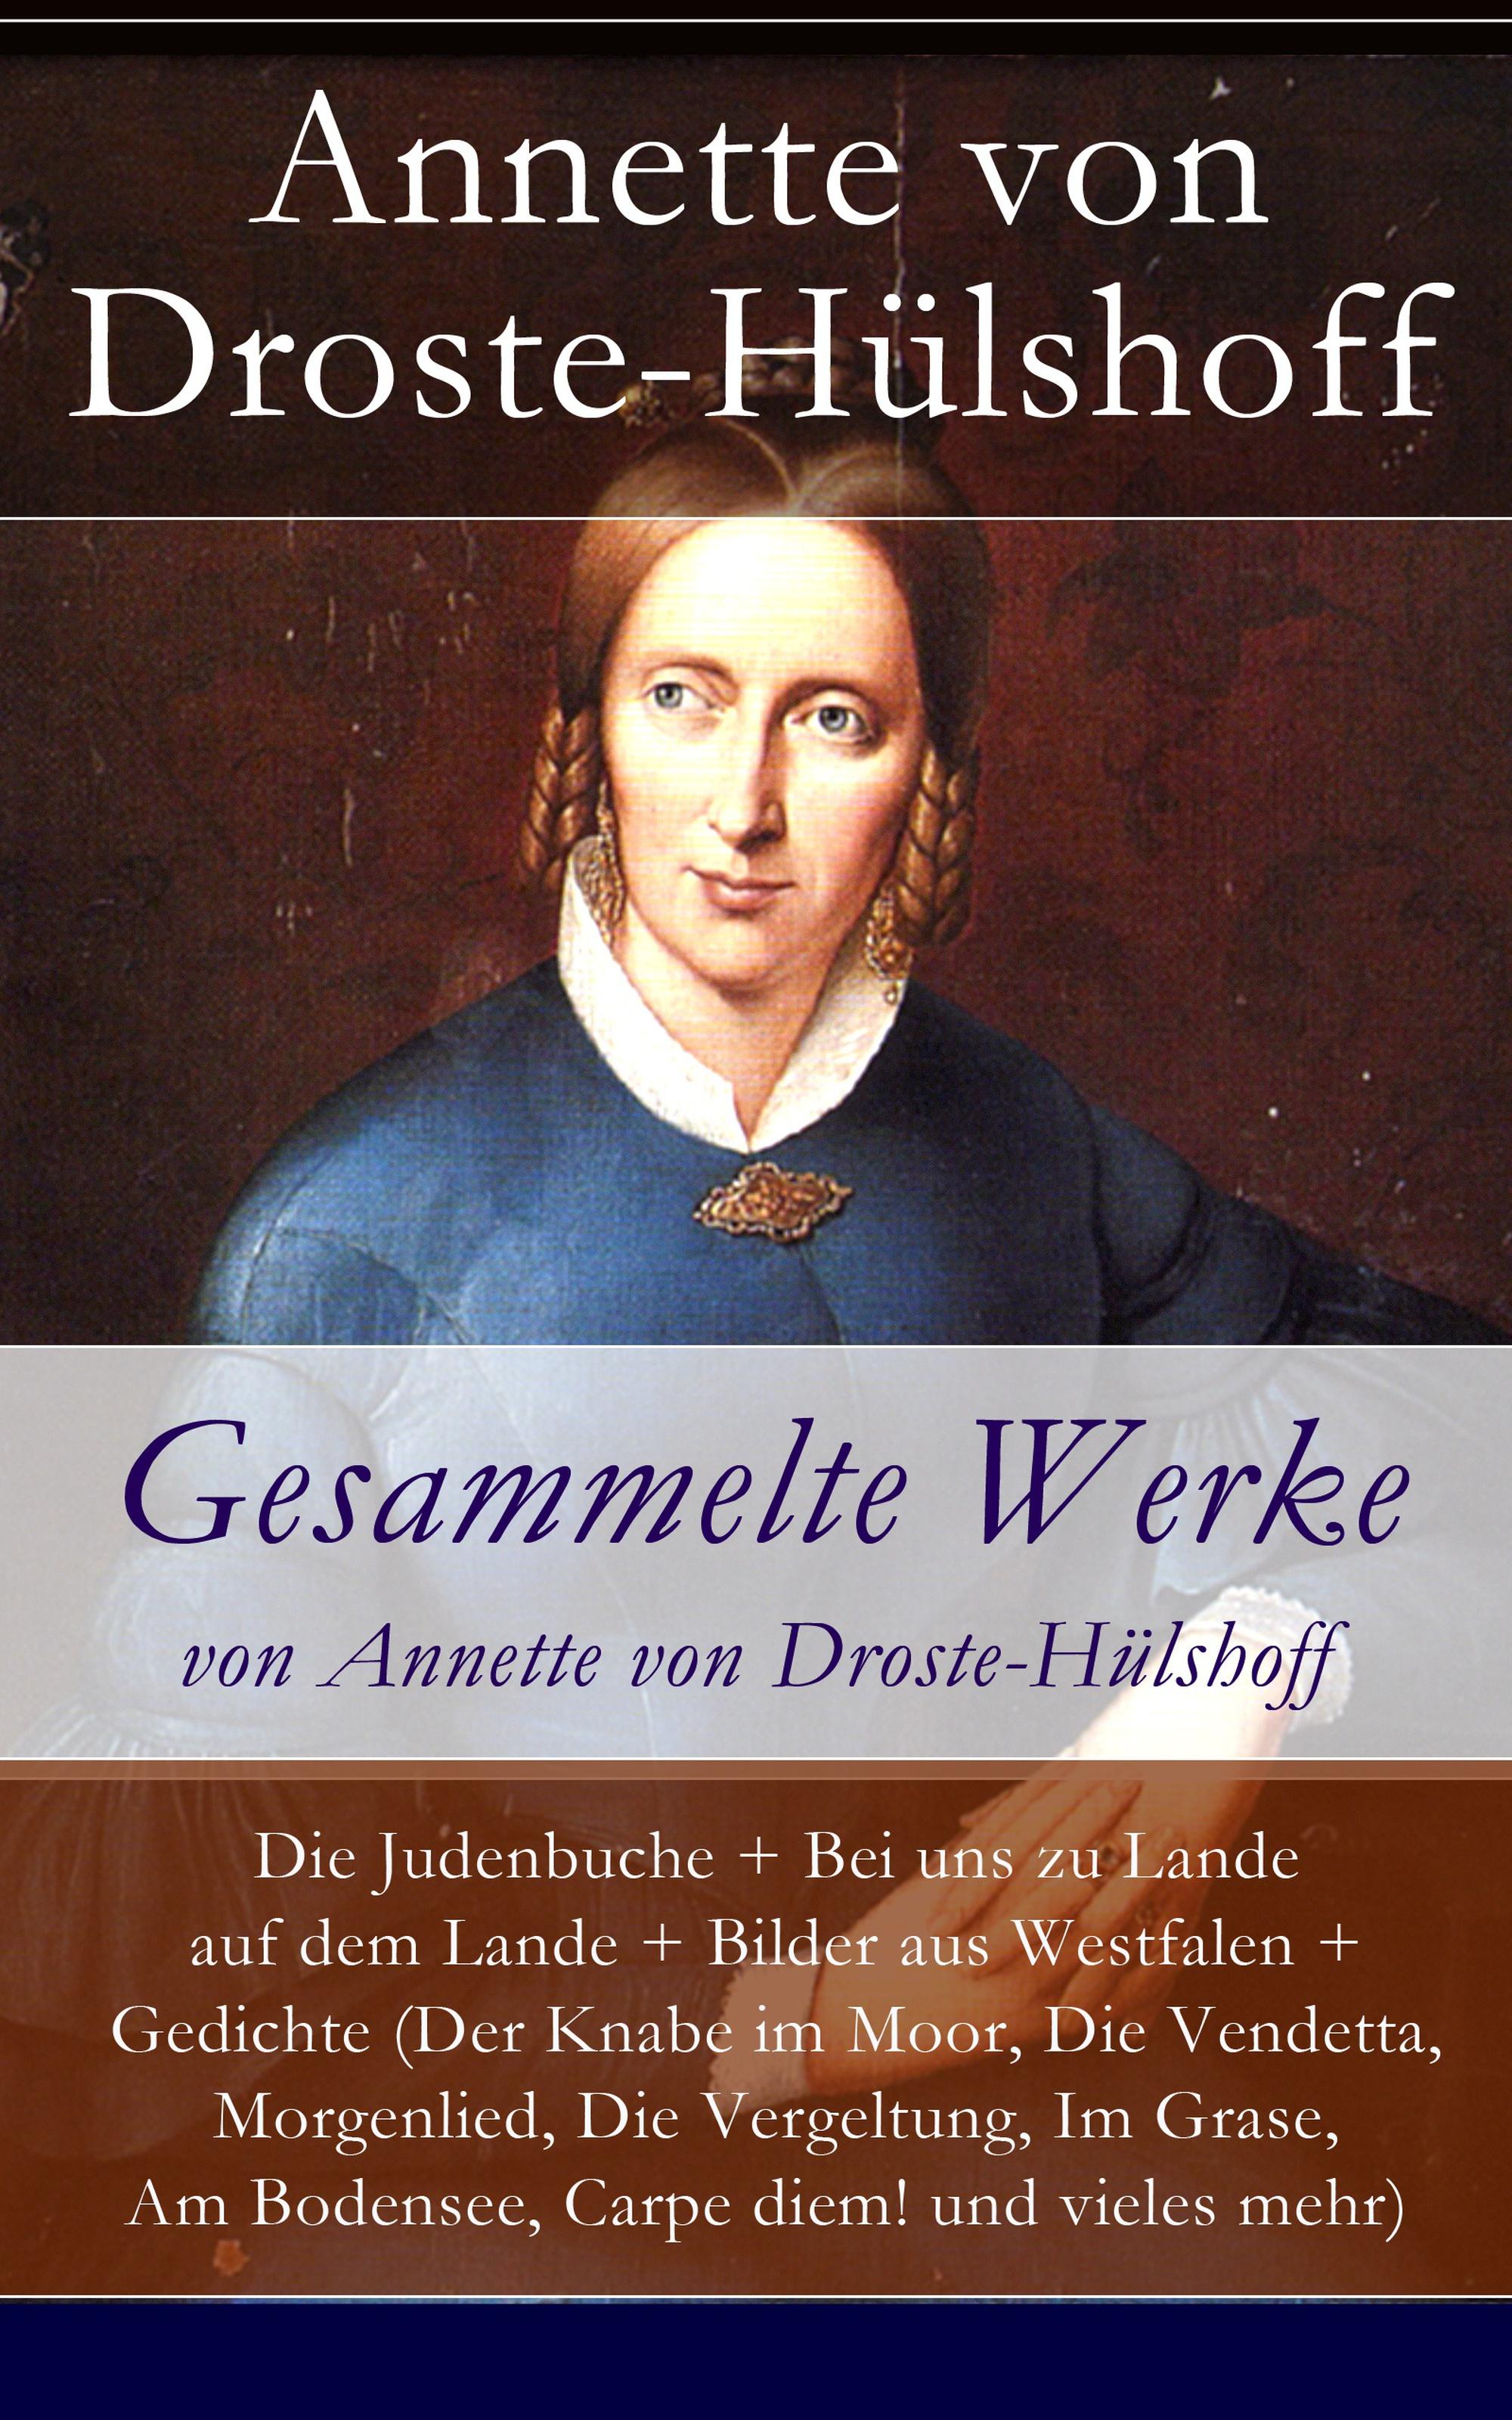 Annette von Droste-Hulshoff Gesammelte Werke von Annette von Droste-Hülshoff